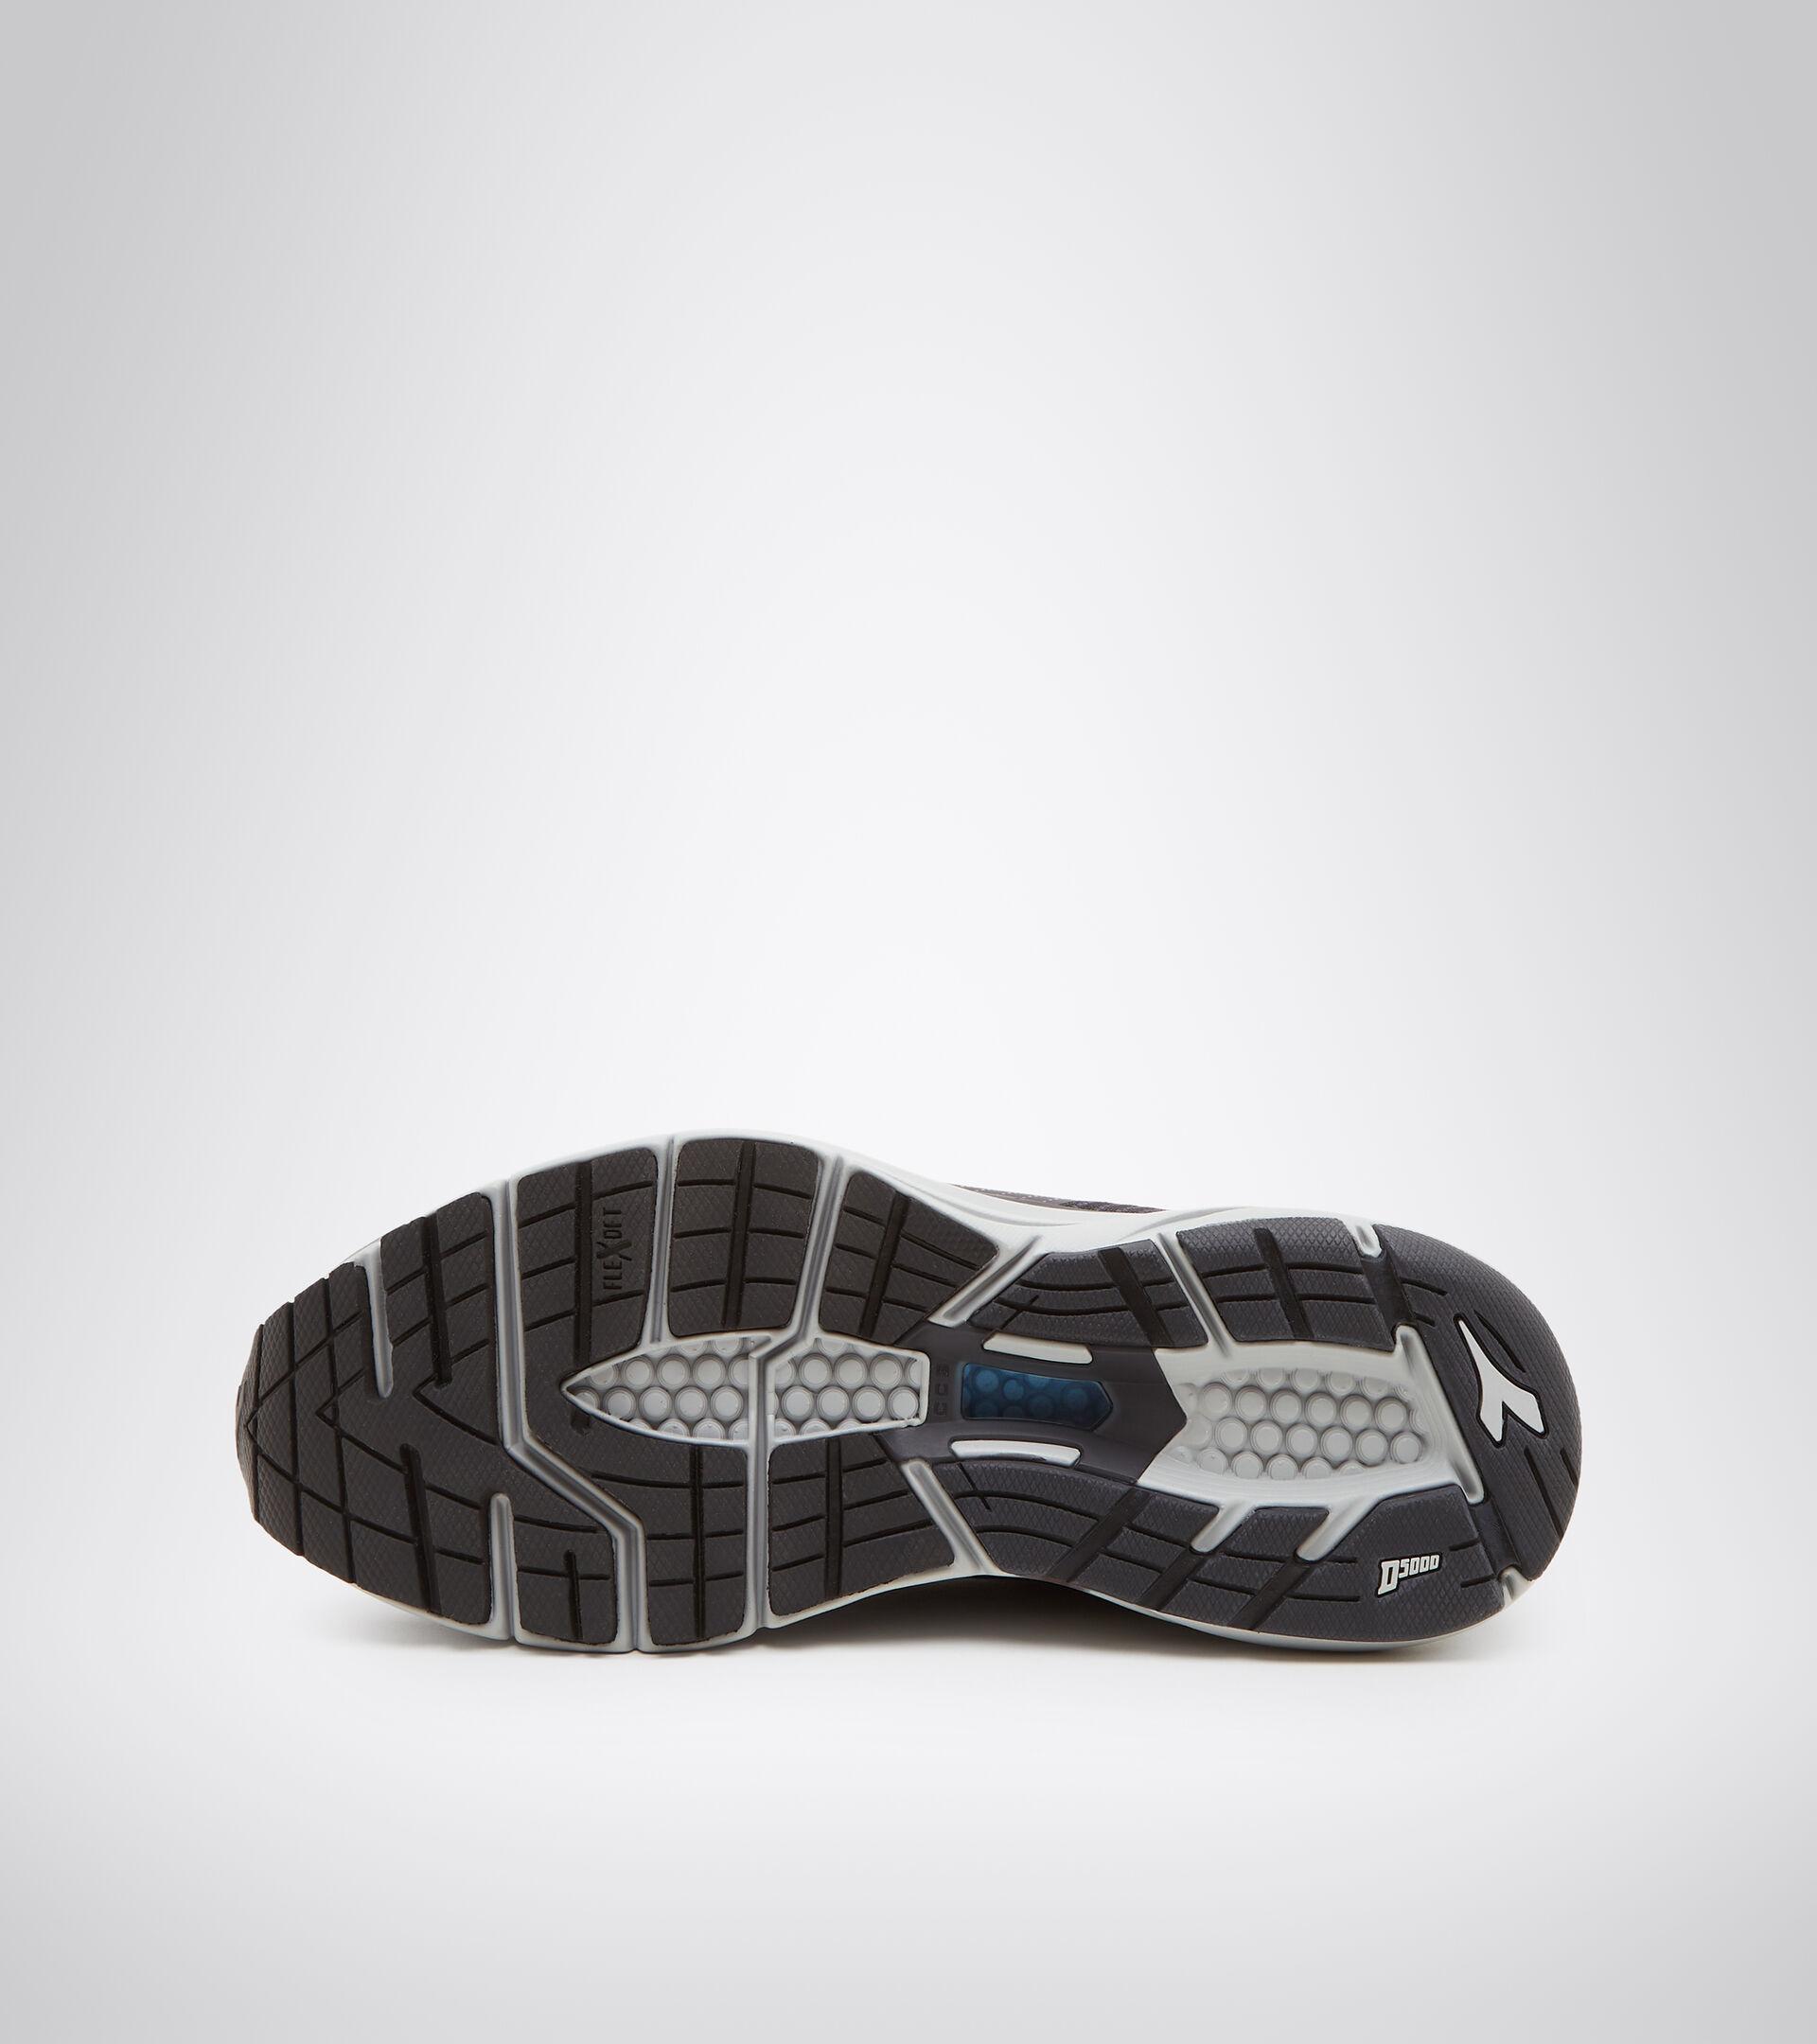 Footwear Sport DONNA MYTHOS BLUSHIELD HIP 6 W BLACK/SILVER Diadora